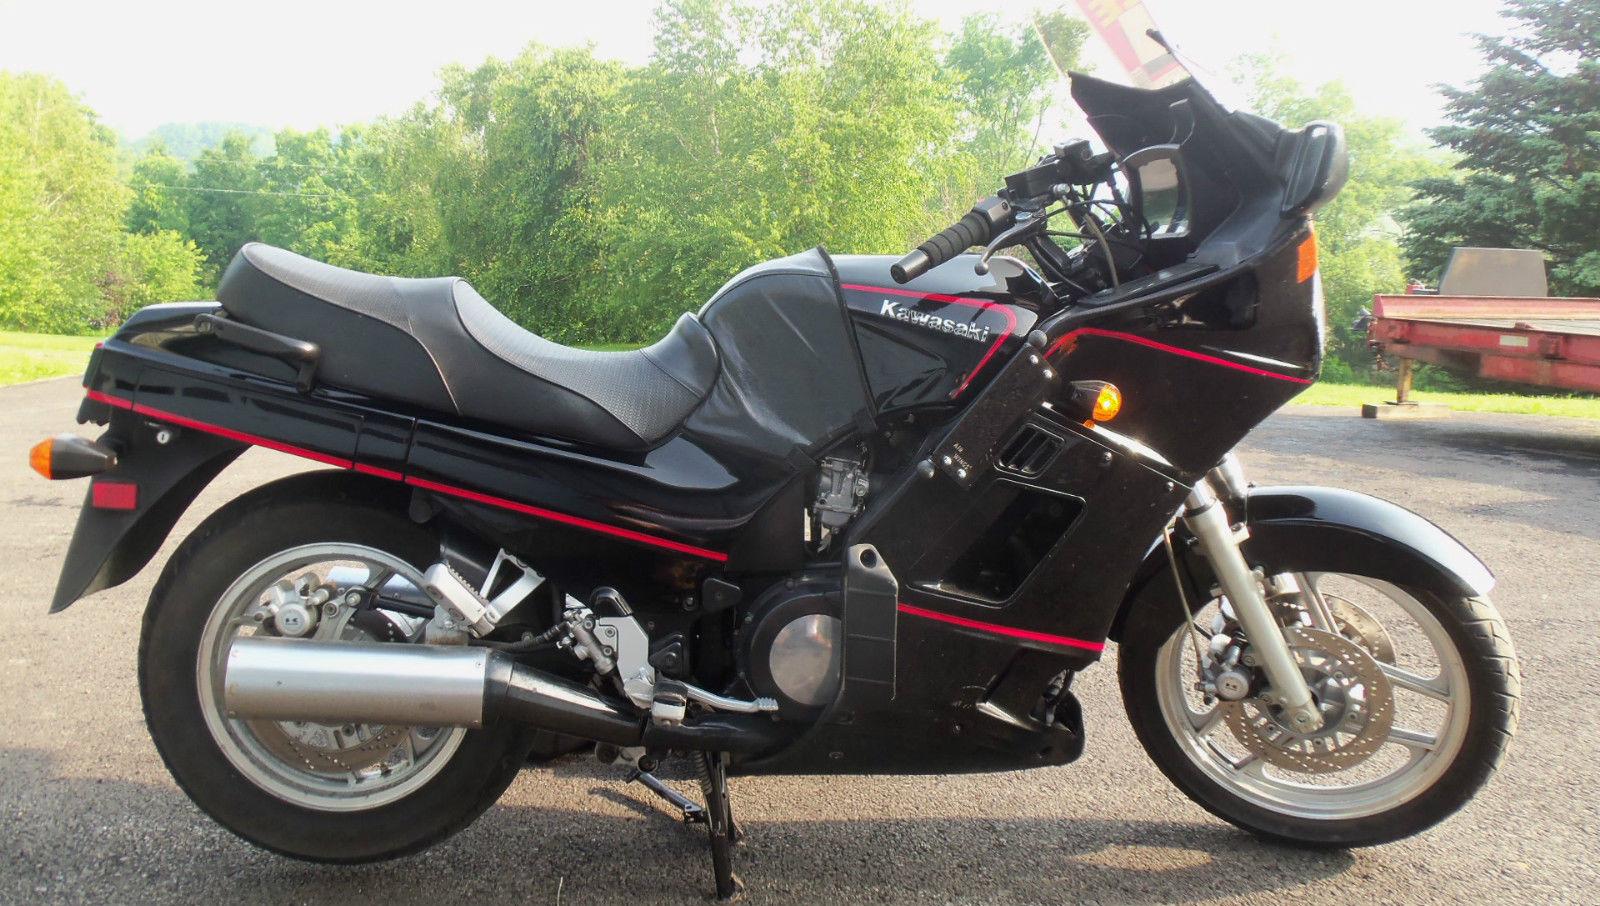 1999 Kawasaki Concours Zg1000 Gtr1000